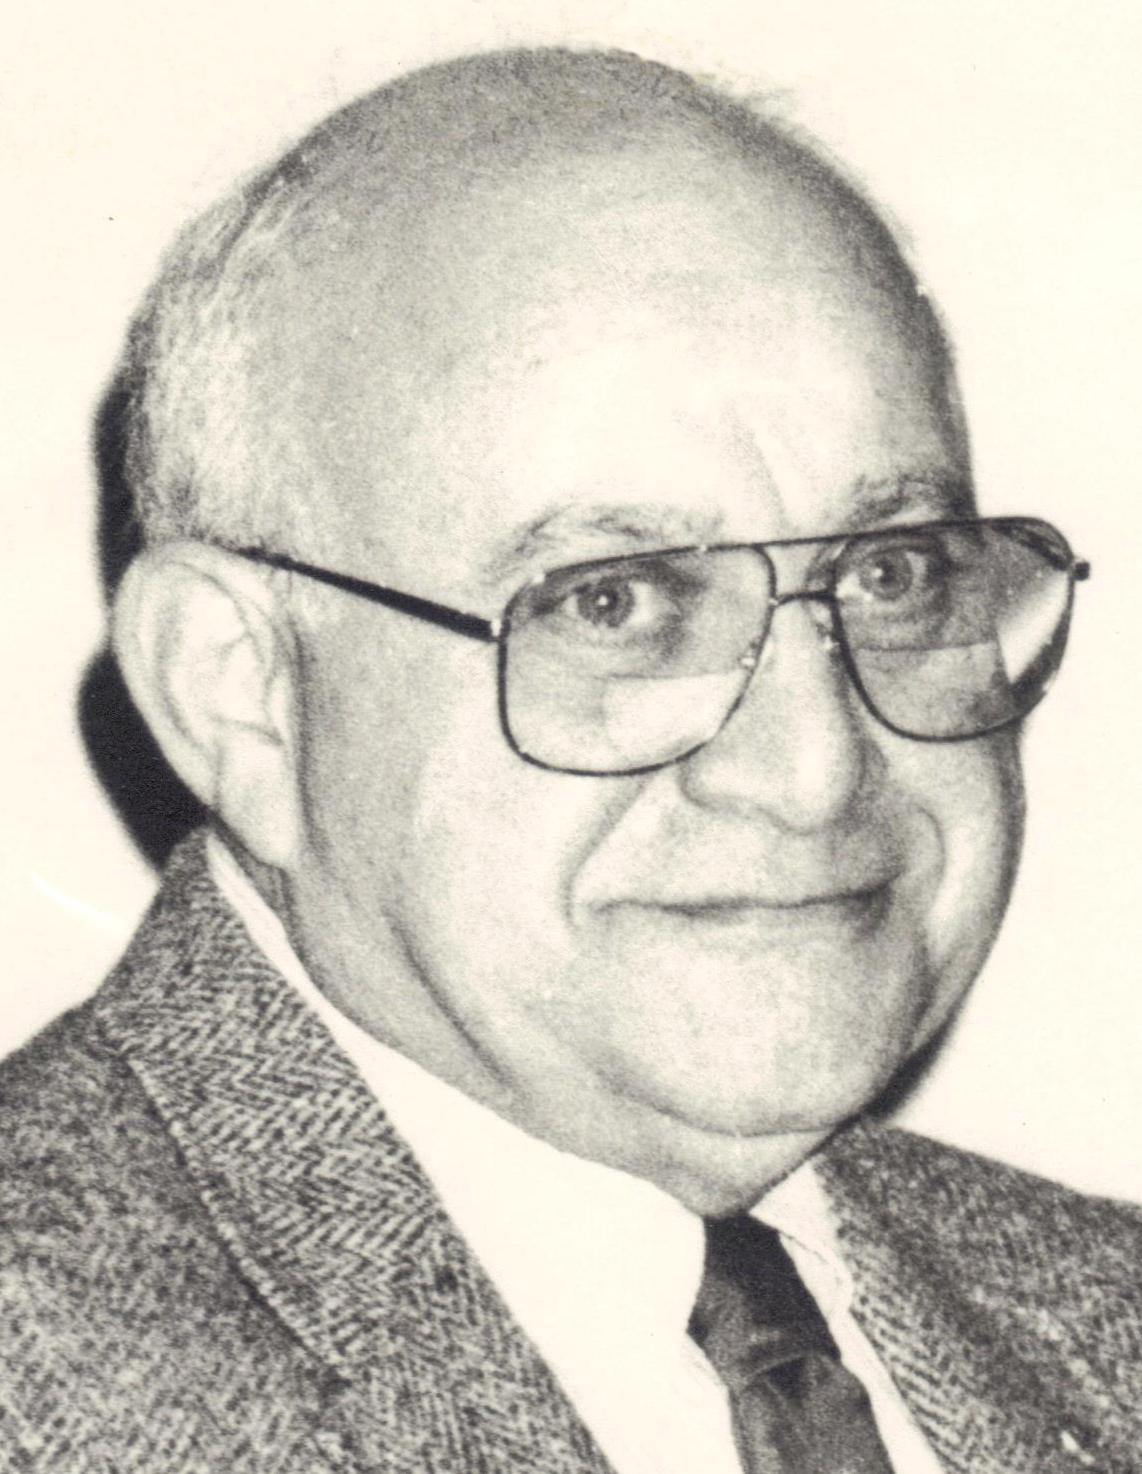 Carlos Enrique Bamberger